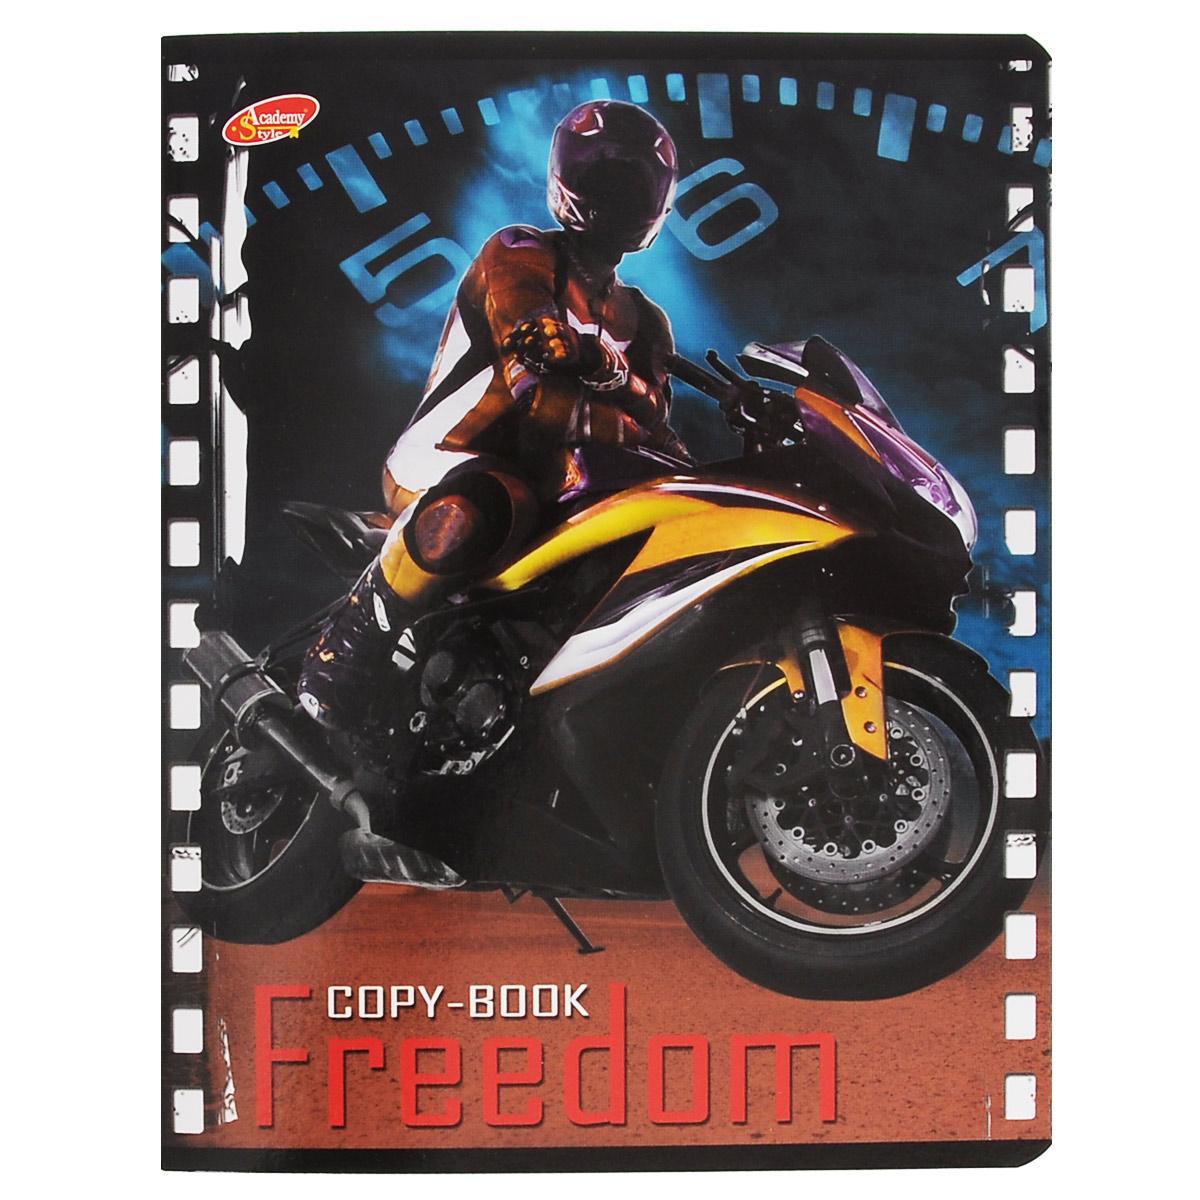 Тетрадь Freedom Мотоцикл, 80 листов, формат А5, цвет: желтый6595/5_ЖелтыйТетрадь в клетку Freedom Мотоцикл с красочным изображением мотоцикла на обложке подойдет как студенту, так и школьнику. Обложка тетради с закругленными углами выполнена из картона. Внутренний блок состоит из 80 листов белой бумаги. Стандартная линовка в клетку дополнена полями, совпадающими с лицевой и оборотной стороны листа.